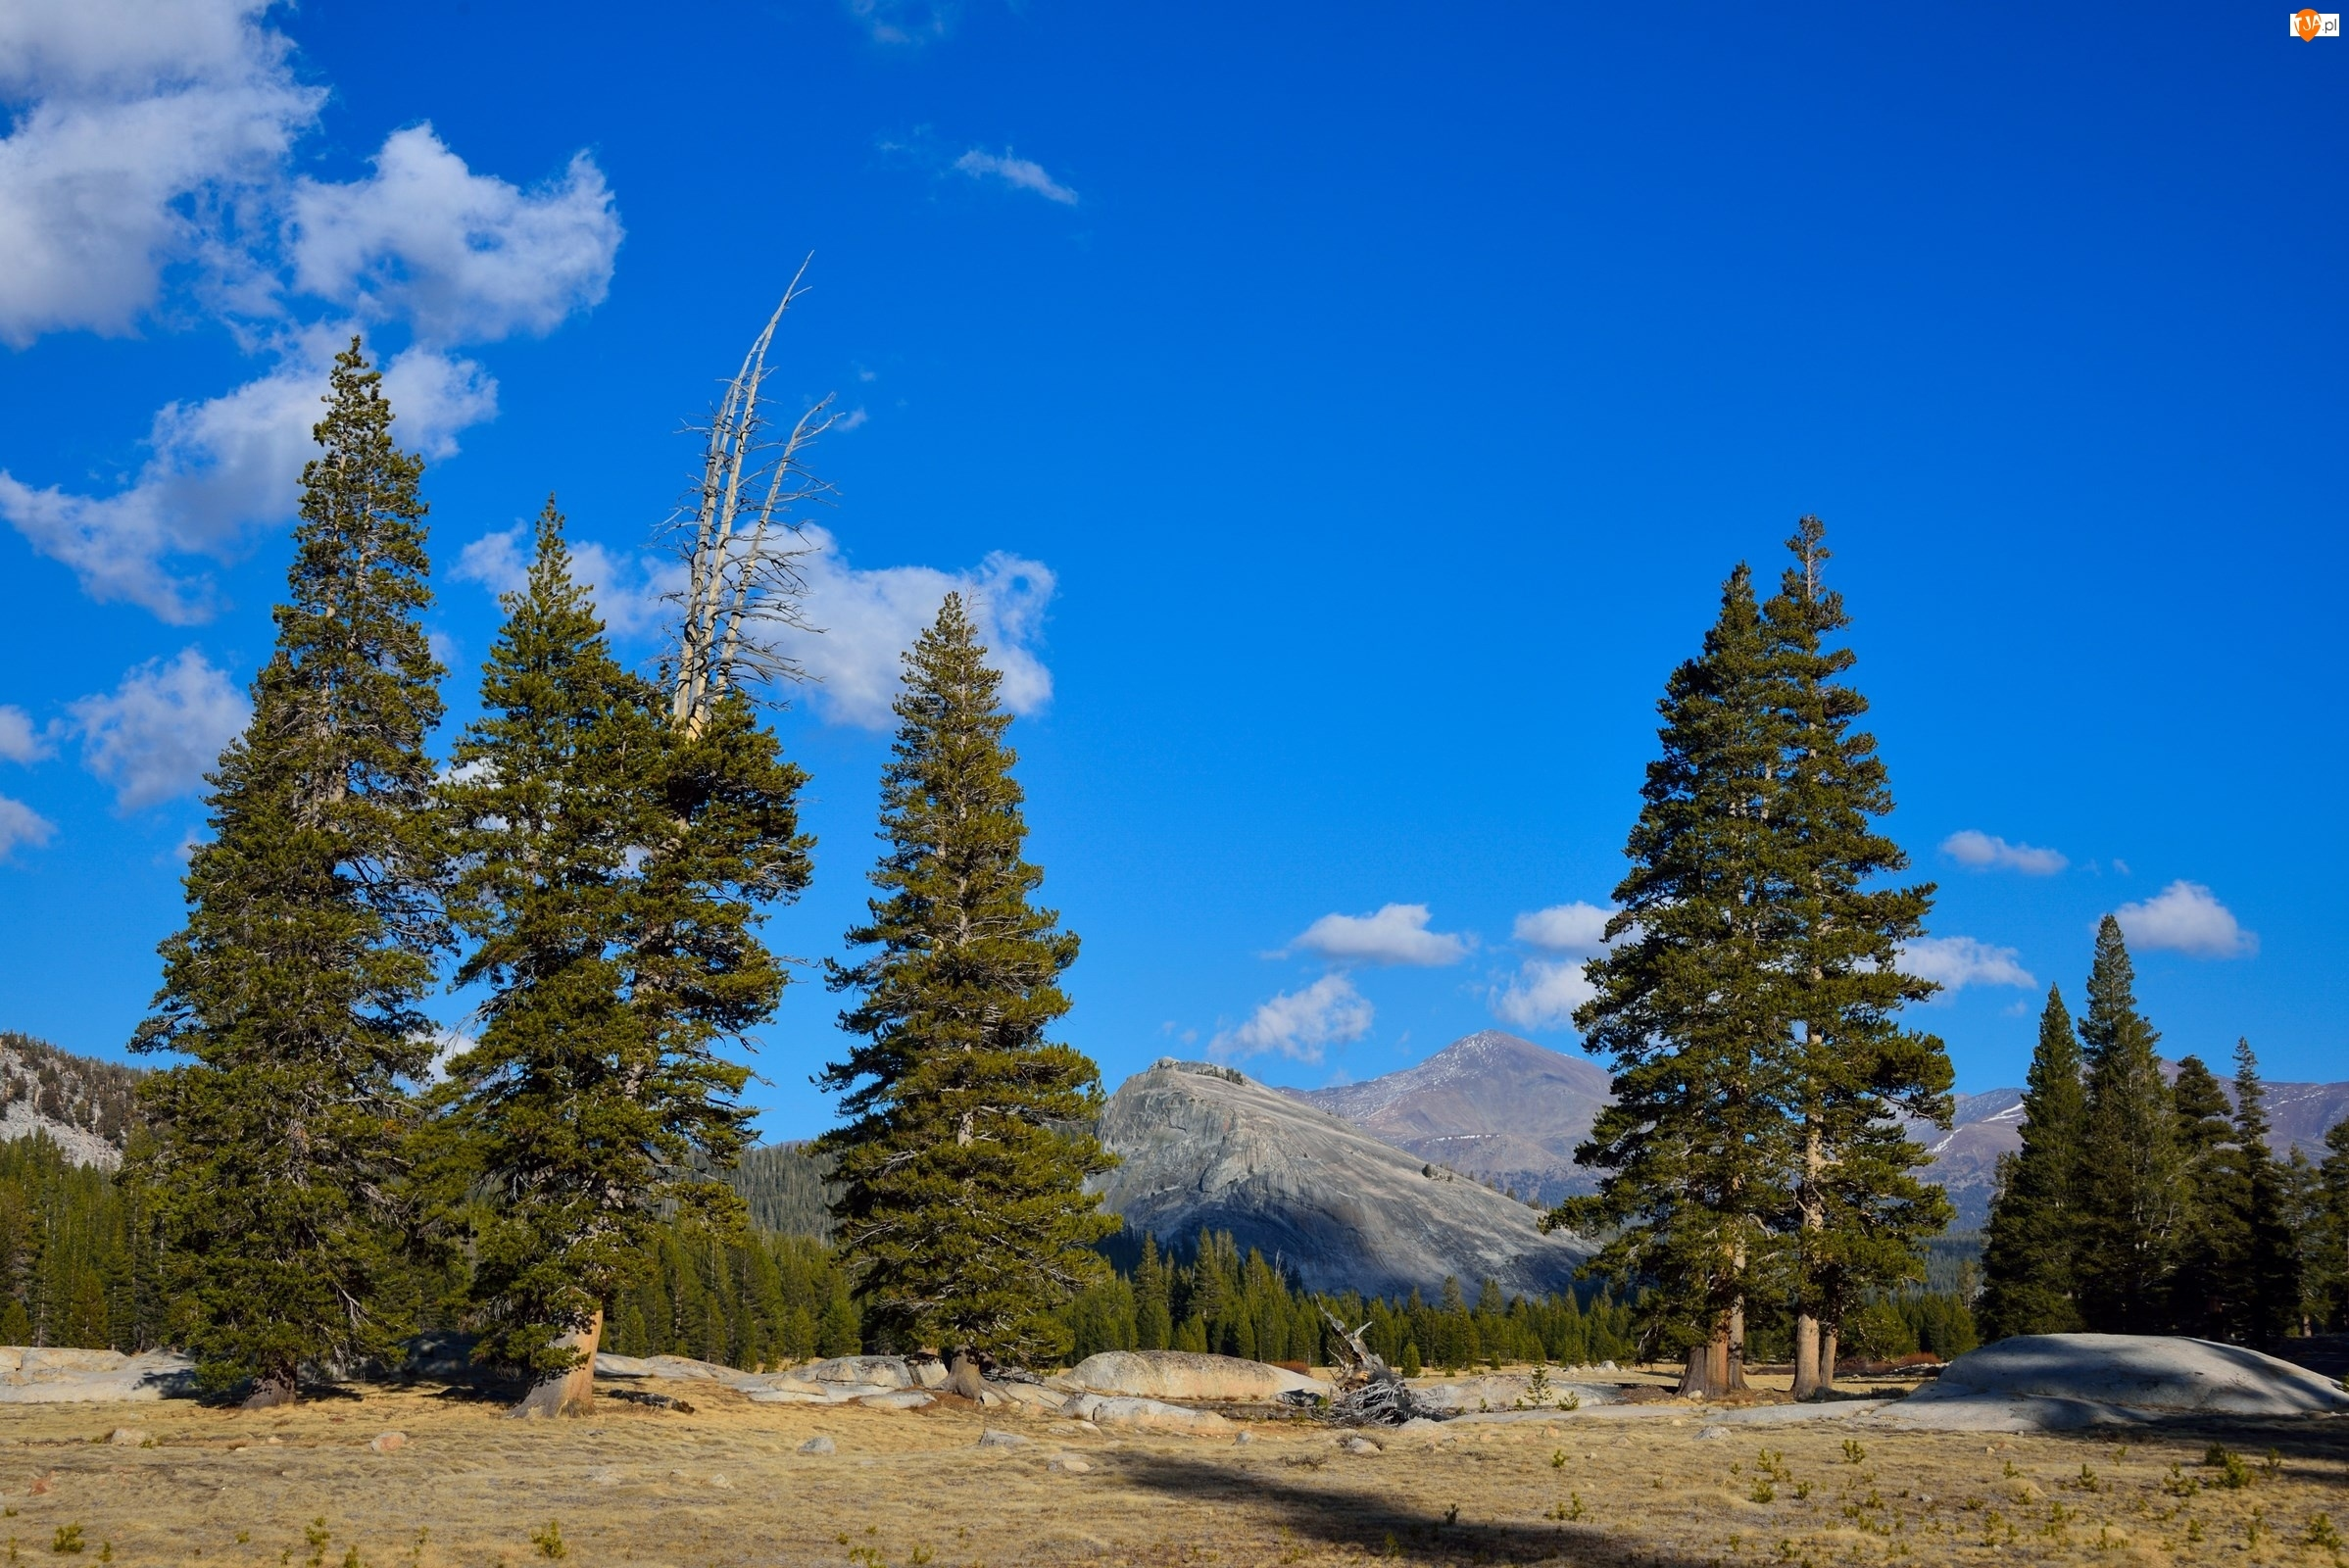 Drzewa, Stany Zjednoczone, Park Narodowy Yosemite, Stan Kalifornia, Góry